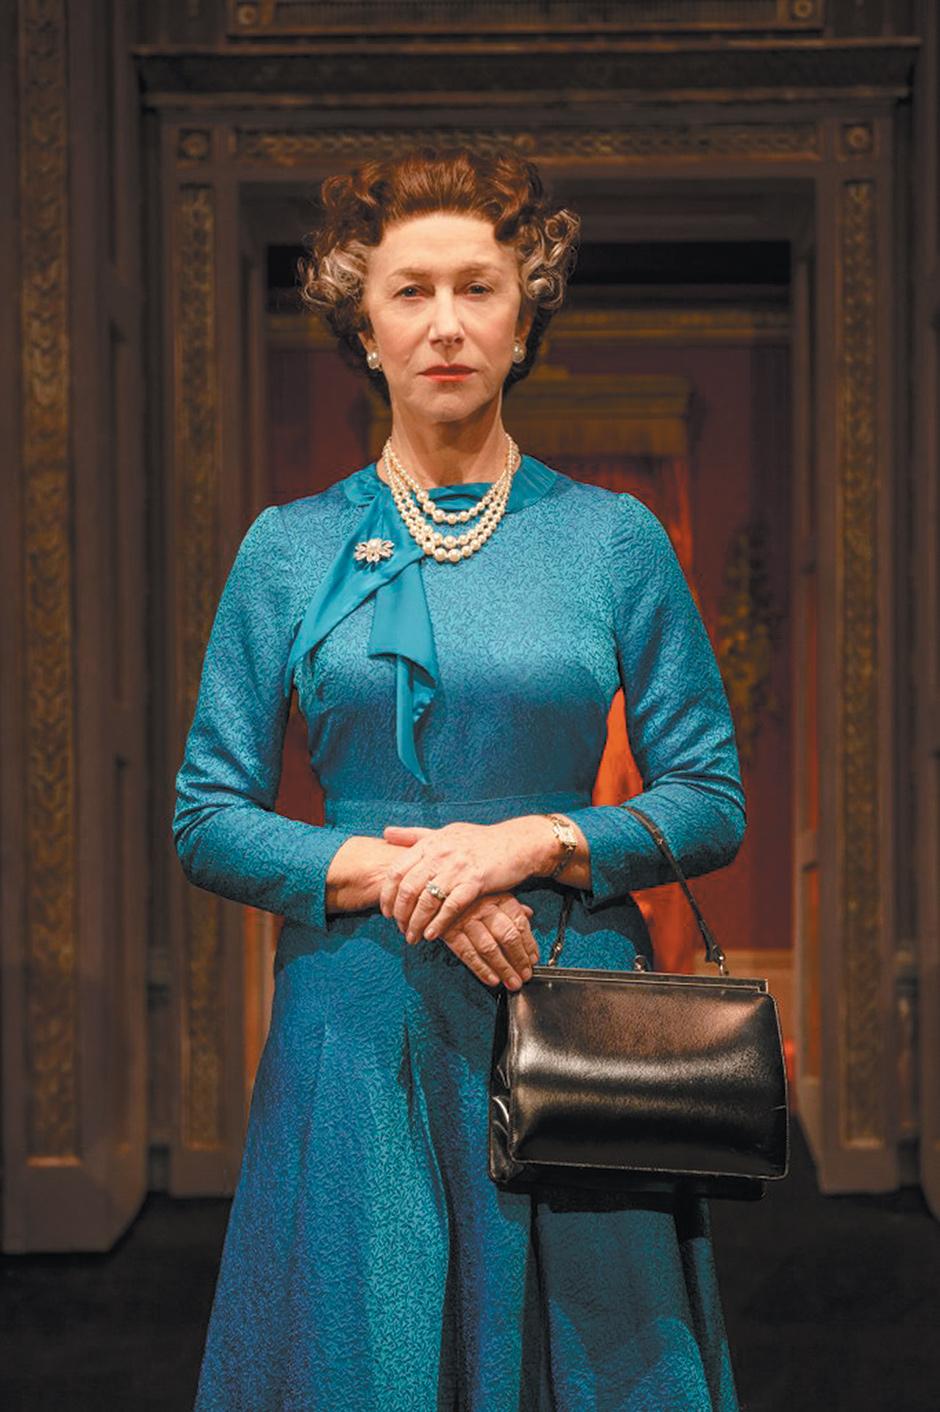 Helen Mirren as Queen Elizabeth II in The Audience